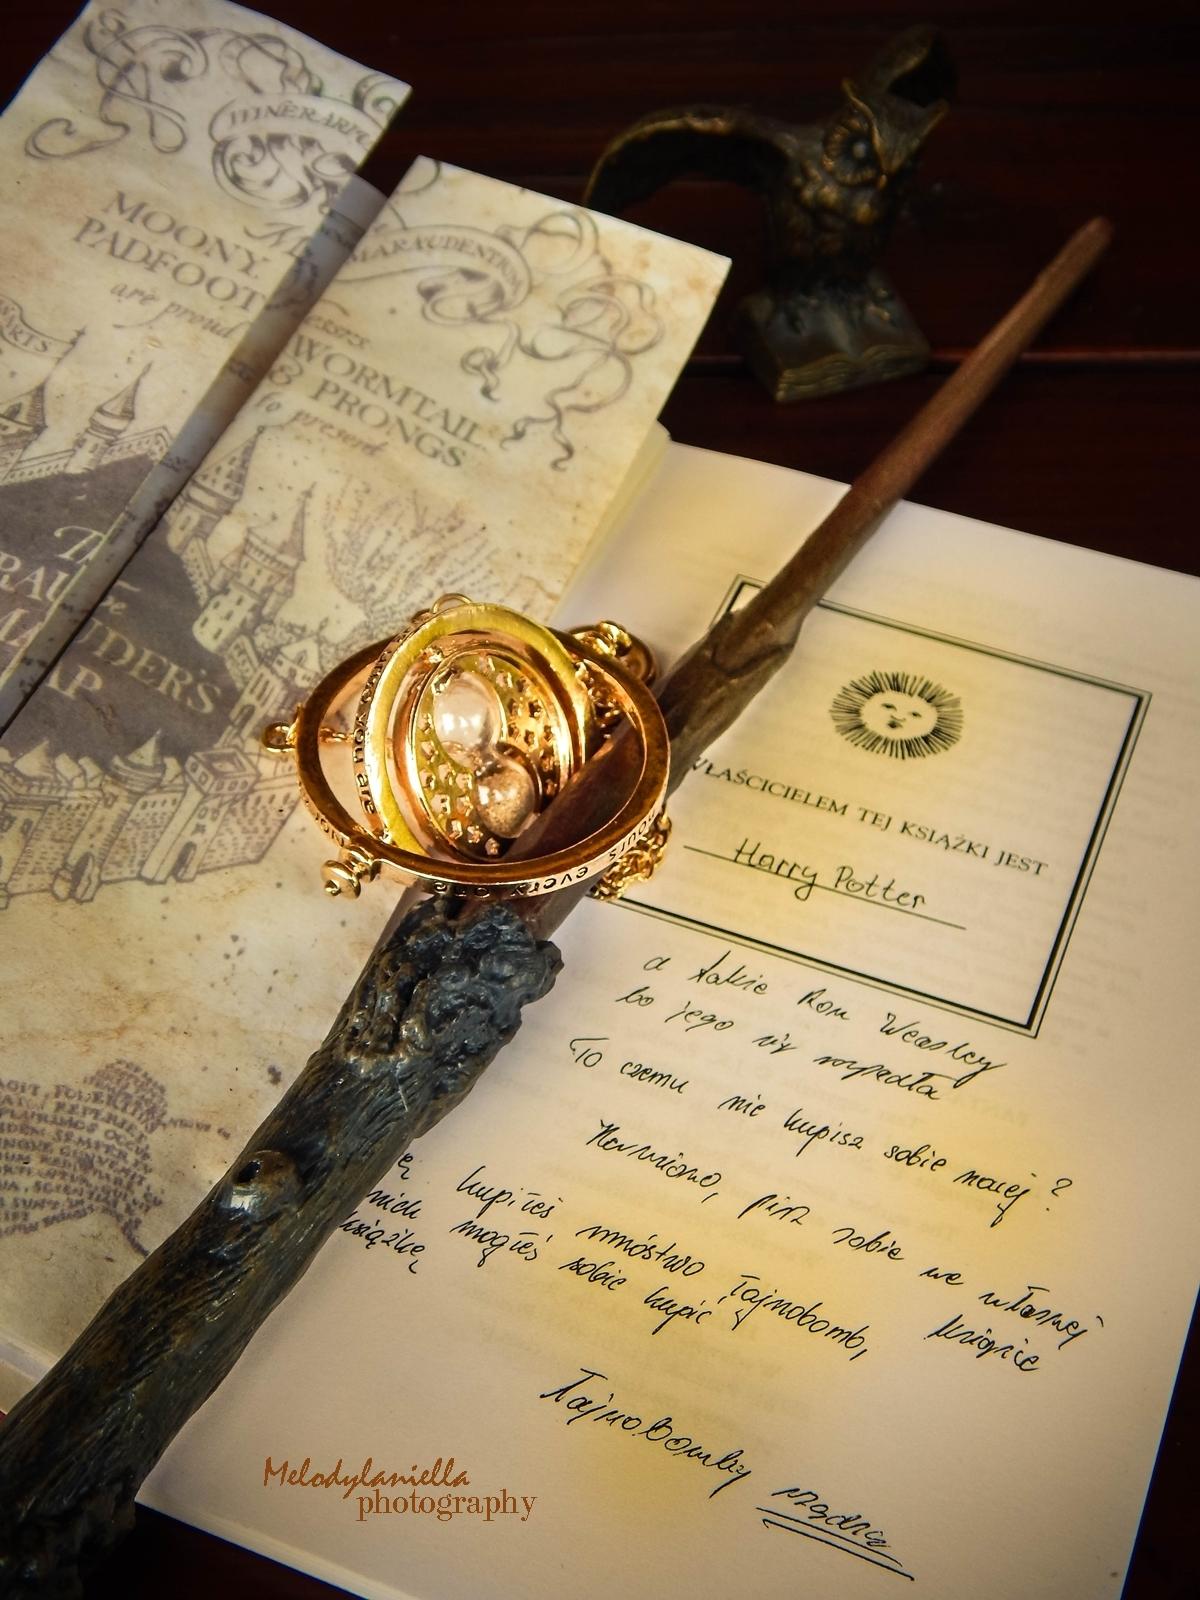 harry potter różdżka zmieniacz czasu mapa huncwotów ksiązki mugole prezenty bizuteria złoty znicz pióro sowa mapa dla fanów prezent złoto ksiązka quidditch różdżka mapa łańcuszek zmieniacz czasu hermiony